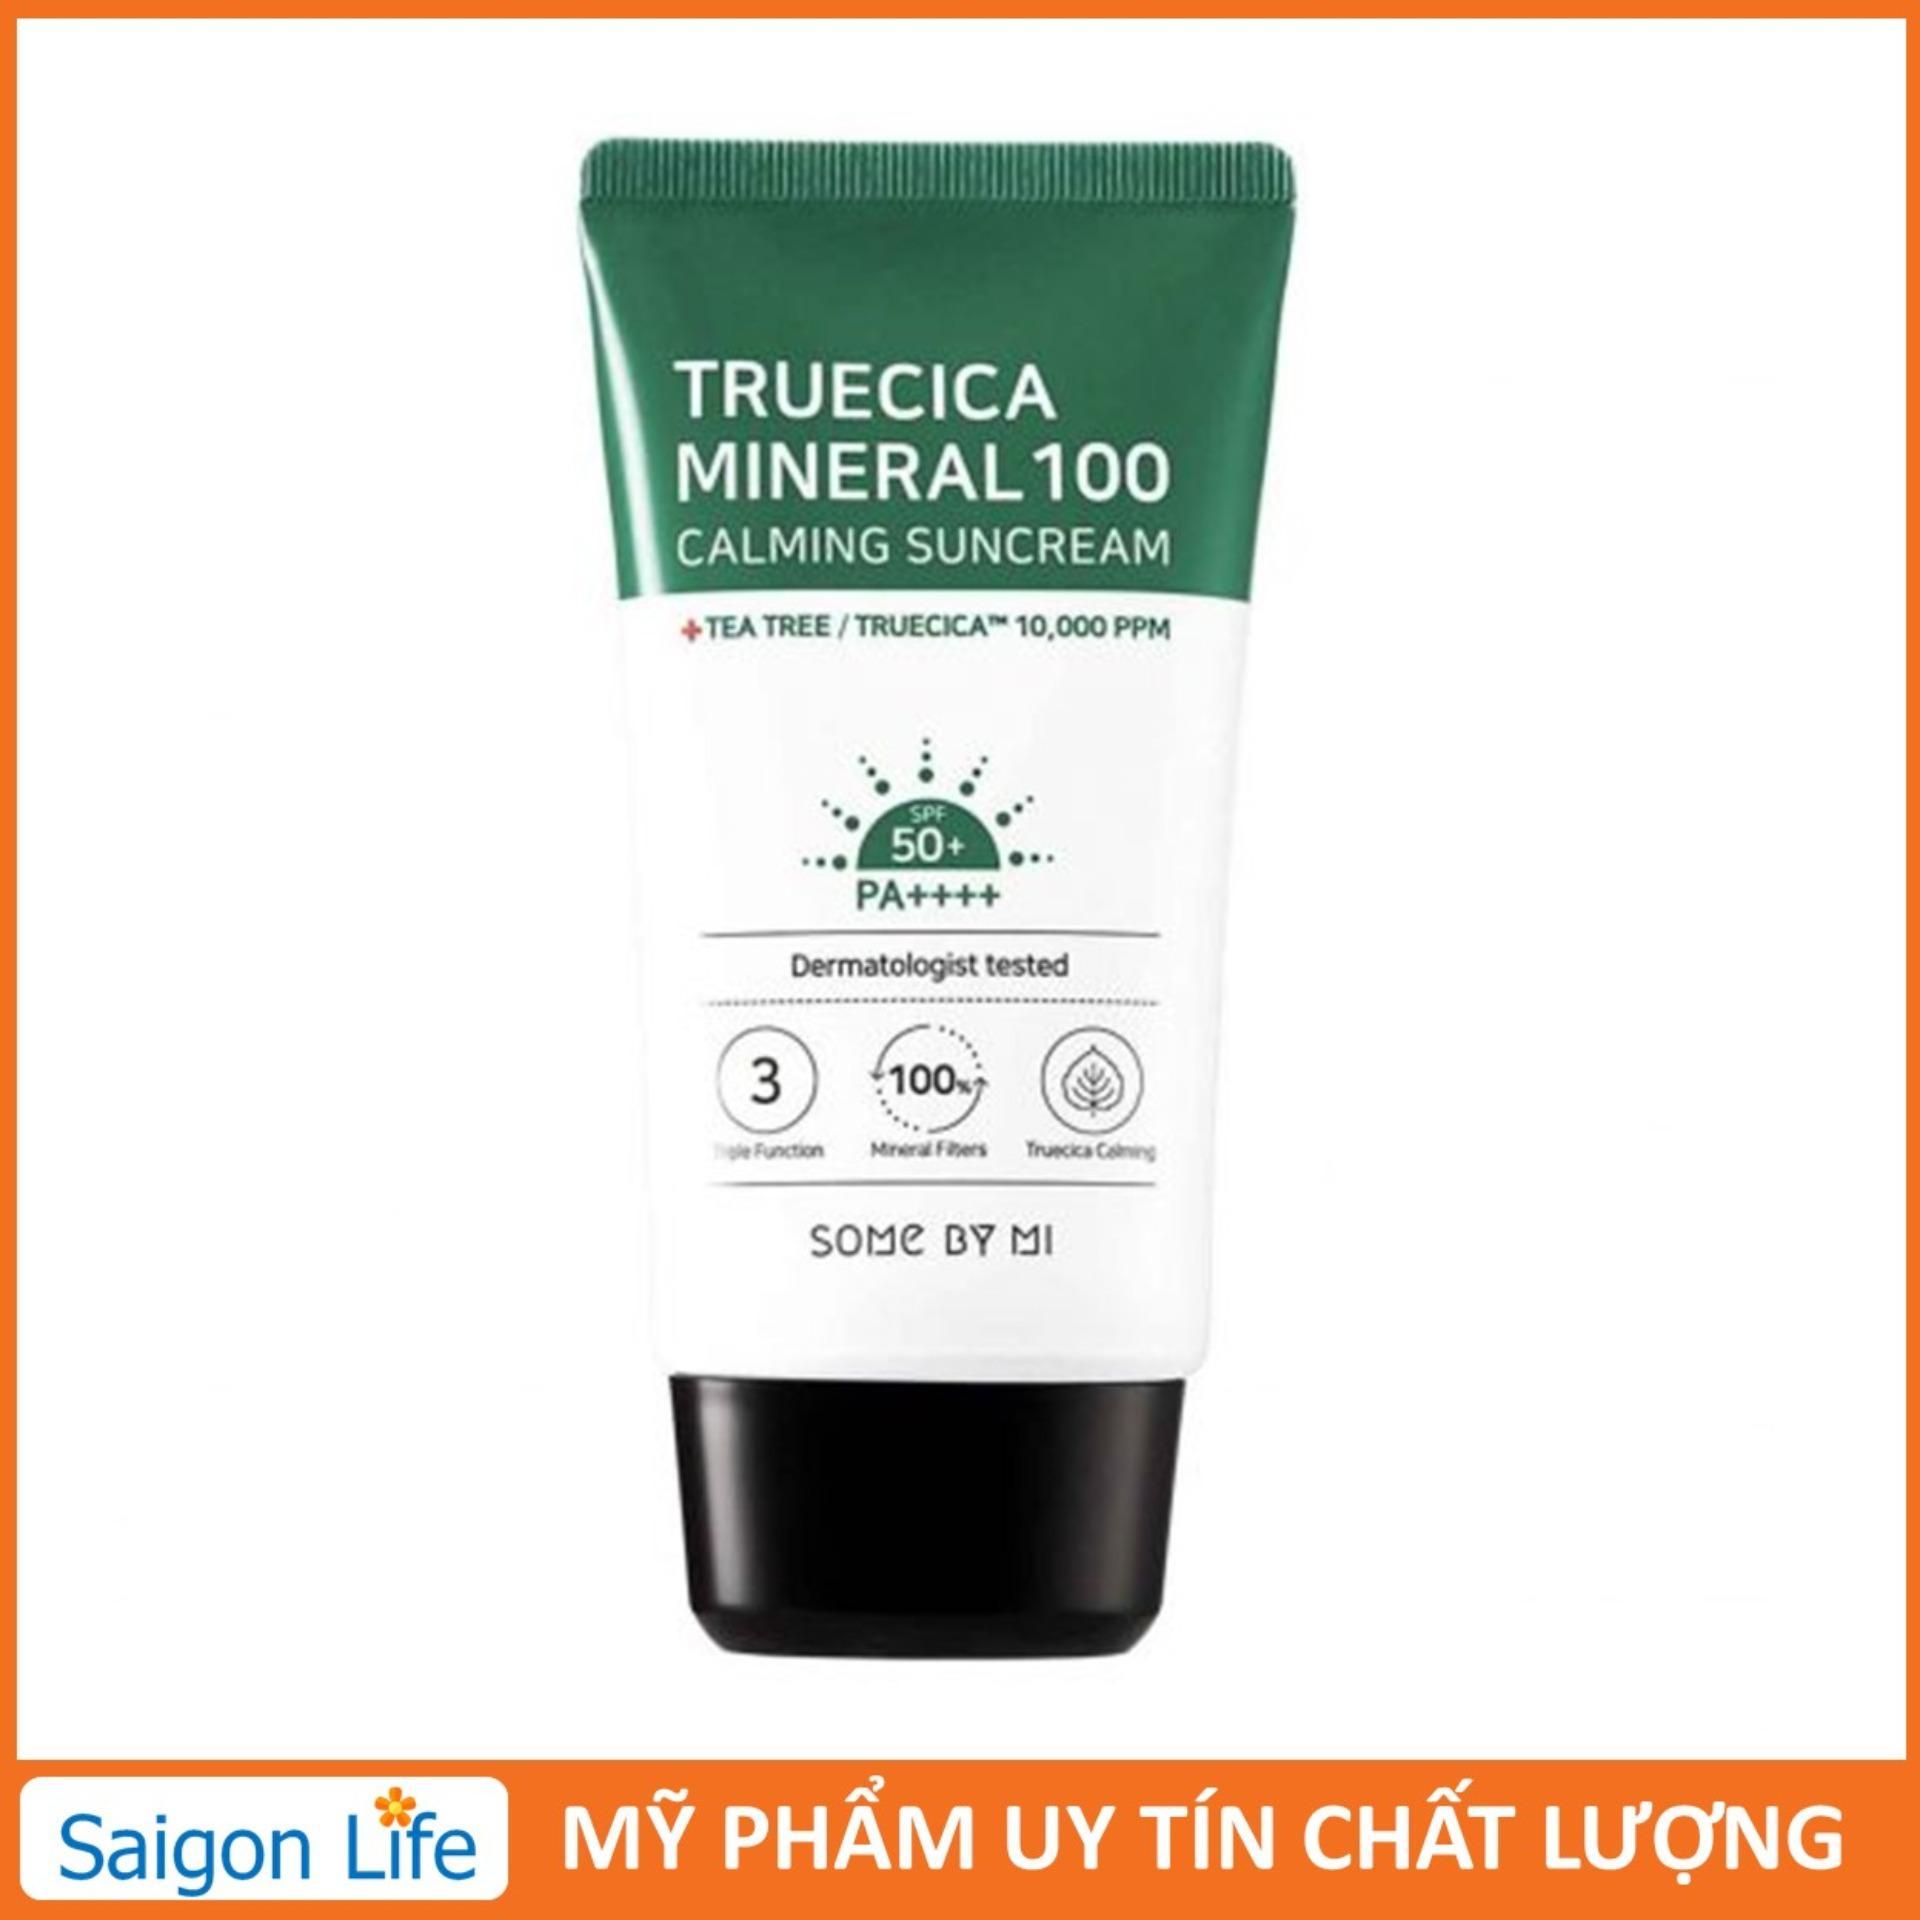 Kem Chống Nắng Some By Mi Truecica Mineral 100 Calming Suncream SPF50+/PA++++ 50ml tốt nhất